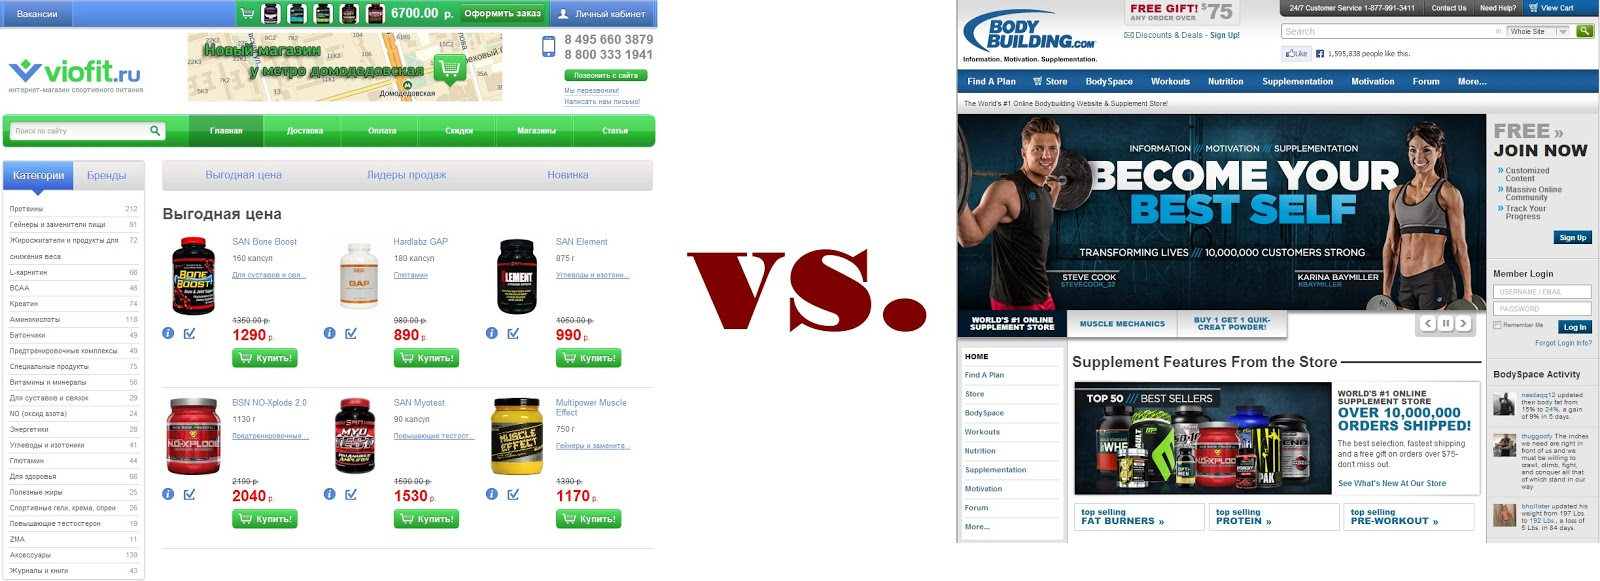 Сравнение цен viofit.ru и bodybuilding.com